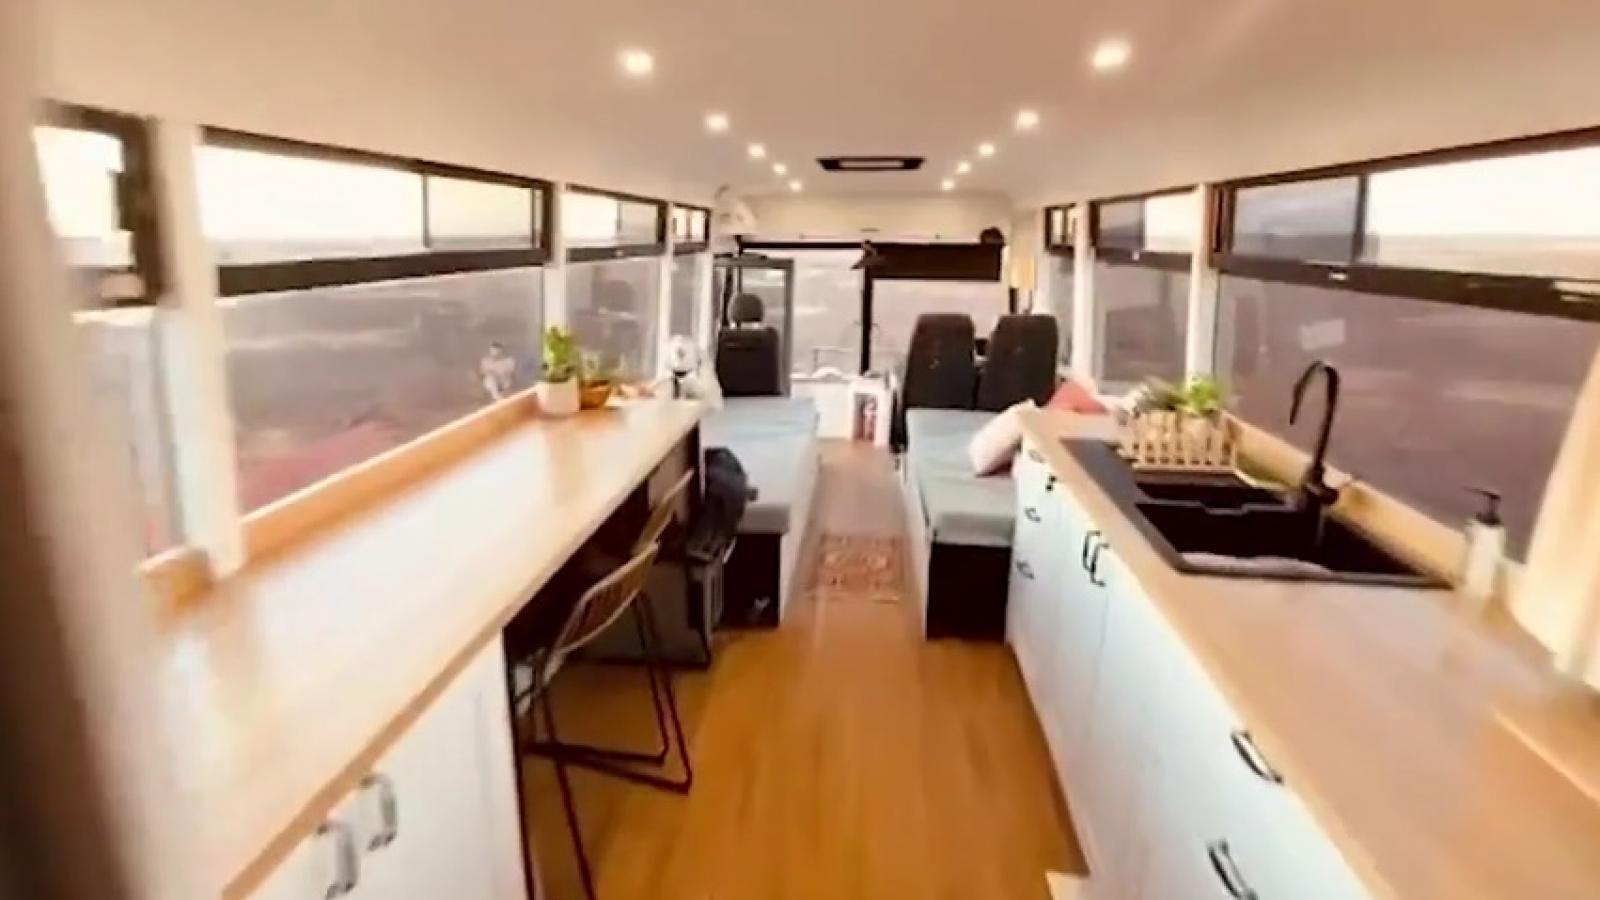 Video: Ấn tượng ngôi nhà trong mơ đầy đủ tiện nghi trên chiếc xe bus cũ